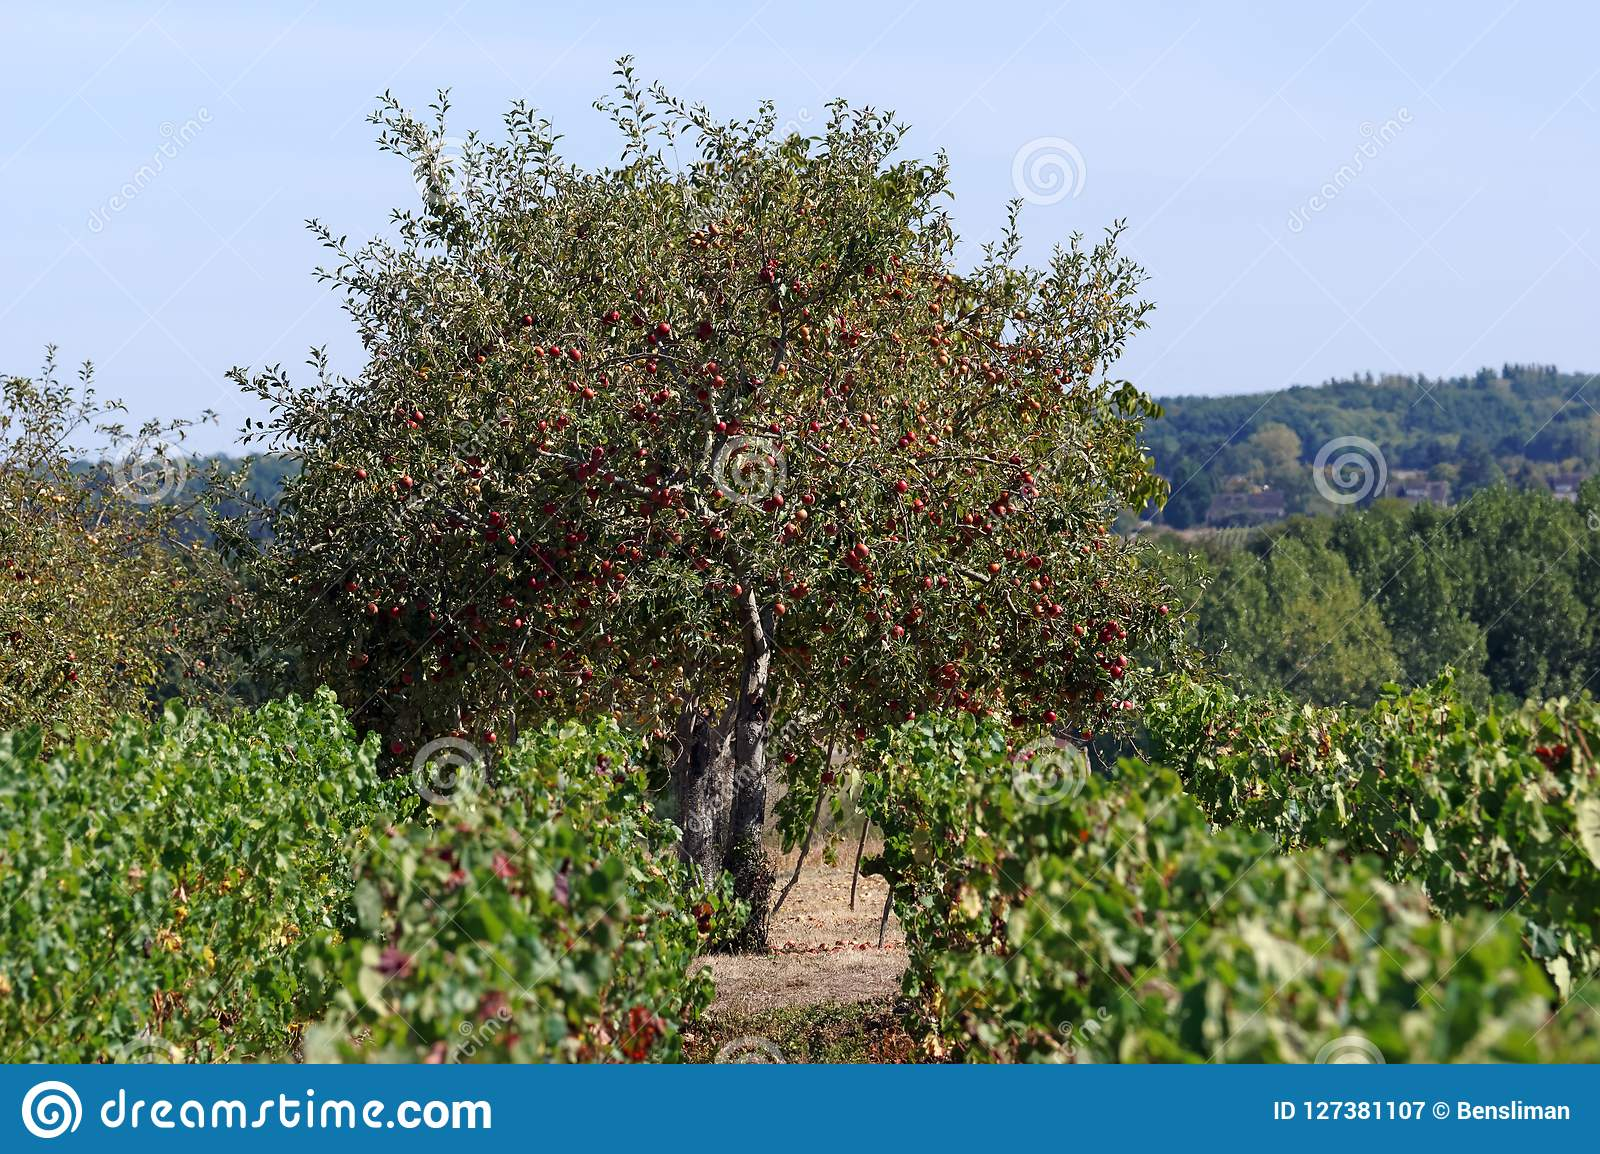 Viñedos En El Valle Del Loira Imagen De Archivo Imagen De Loira Valle 127381107